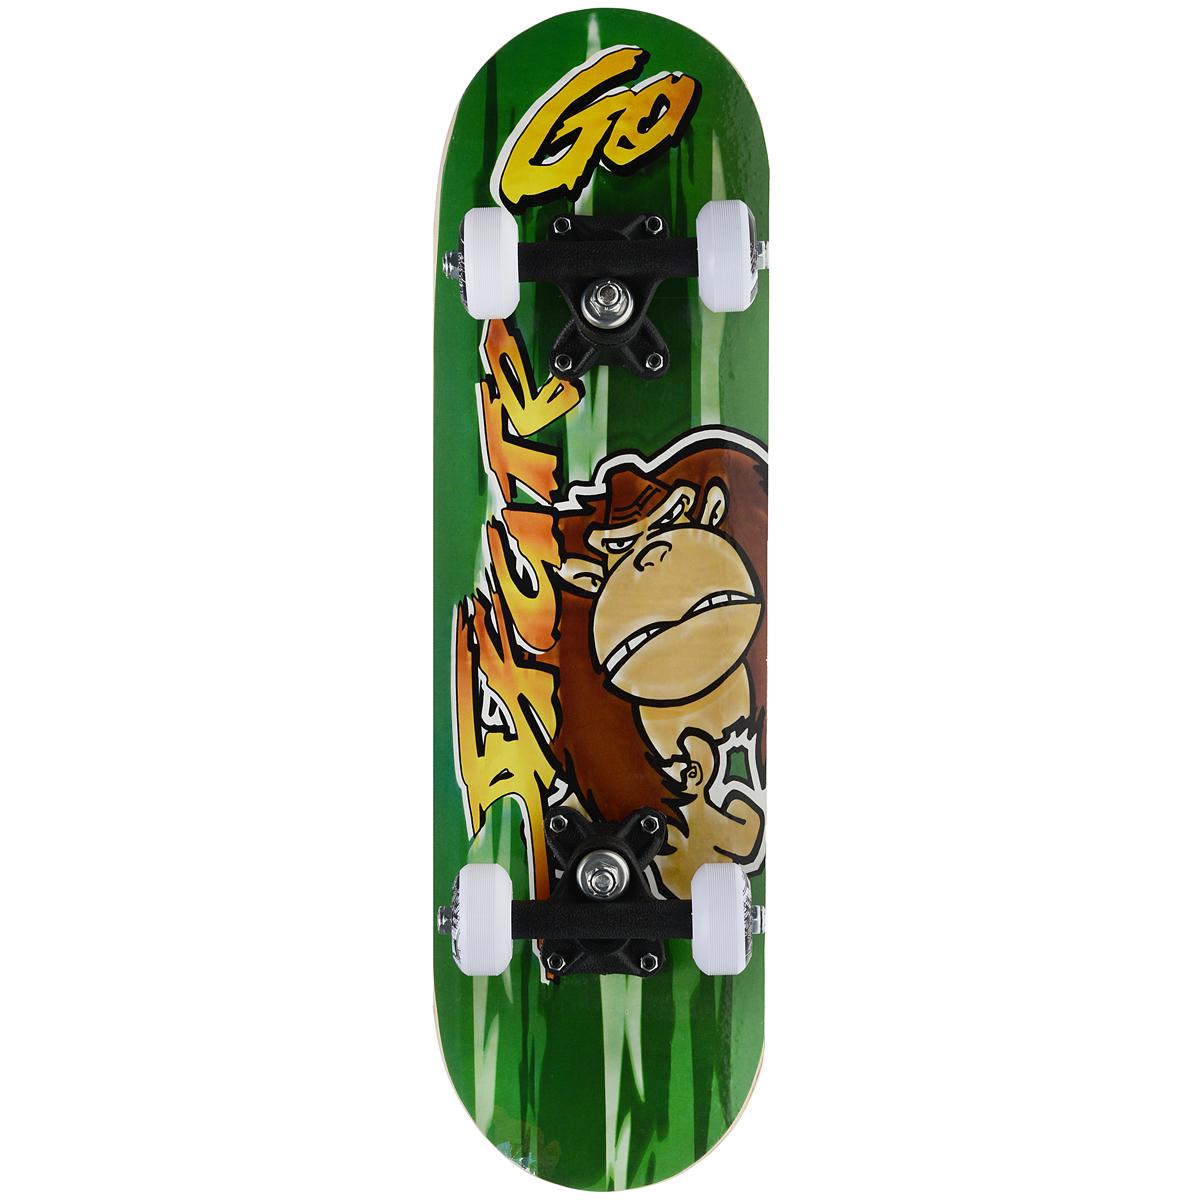 Скейтборд MaxCity Monkey, цветной принт, дека 55 см х 16,5 смRivaCase 8460 blackCкейтборды MaxCity - это самый подходящий вариант для начинающих скейтбордистов и просто любителей. Качественные материалы изготовления дадут вам полностью ощутить удовольствие от катания, а надежные комплектующие позволят выполнять несложные трюки без риска повредить доску. MaxCity - это качество по приемлемой цене.Нижняя часть деки украшена оригинальным рисунком.